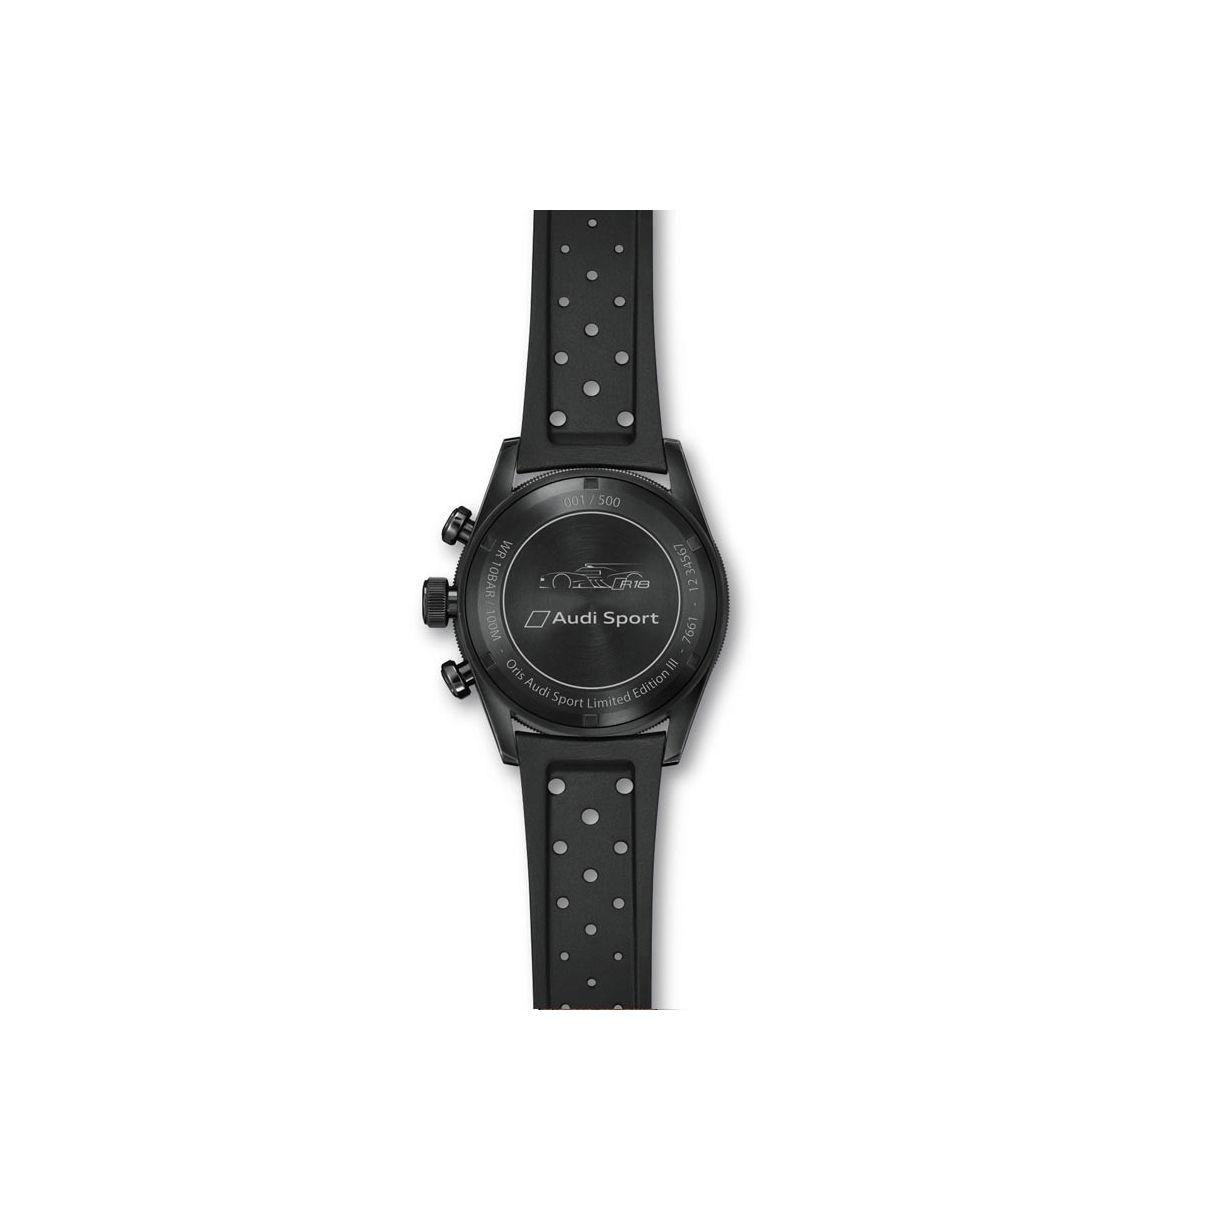 distribuidor mayorista 5c3a9 33a8a Reloj Oris Audi Sport Lim. Edit. III 774 7661 7784